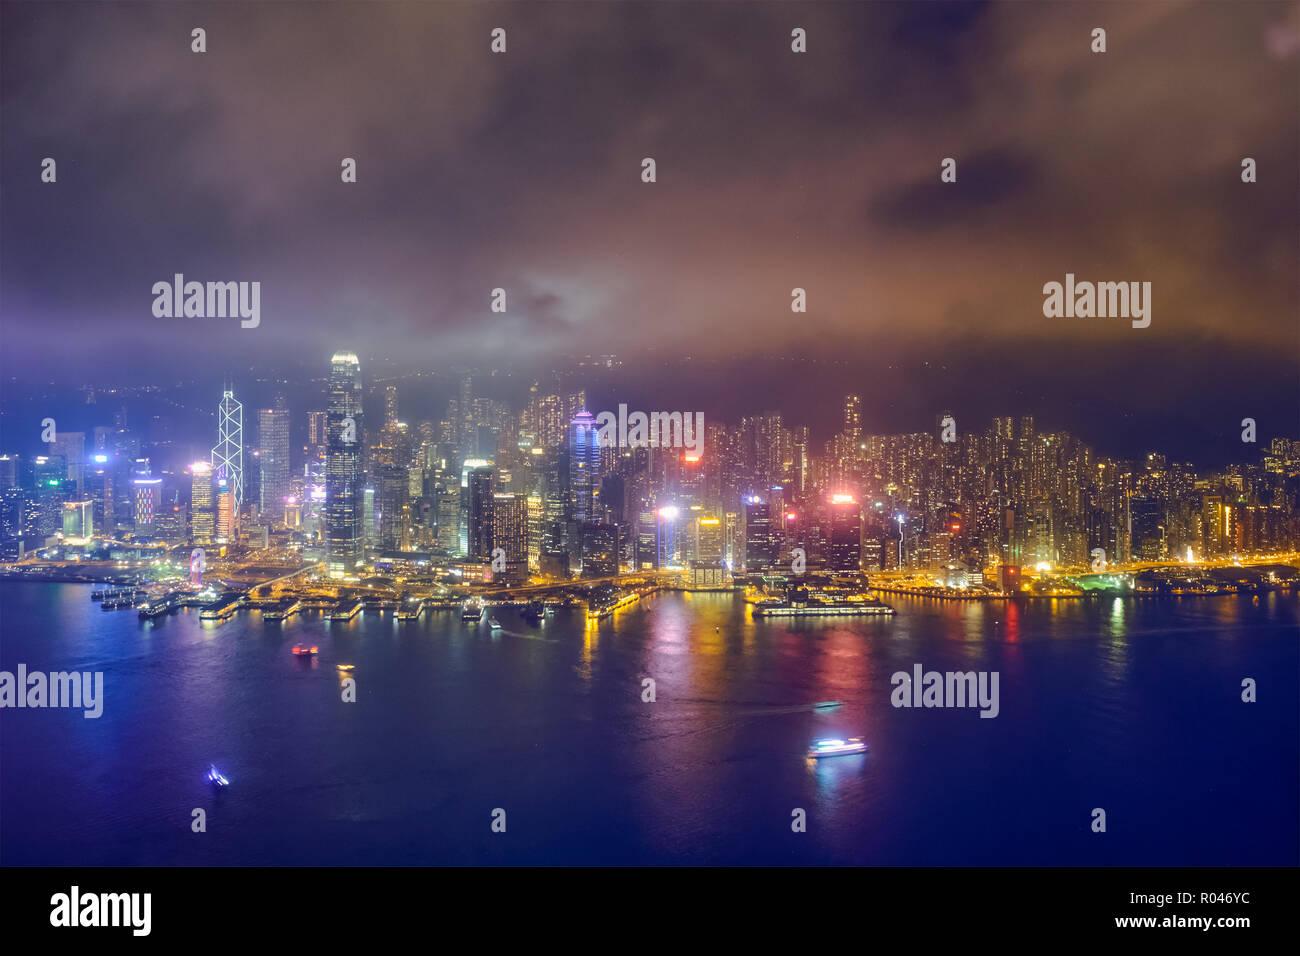 Aerial view of illuminated Hong Kong skyline. Hong Kong, China - Stock Image